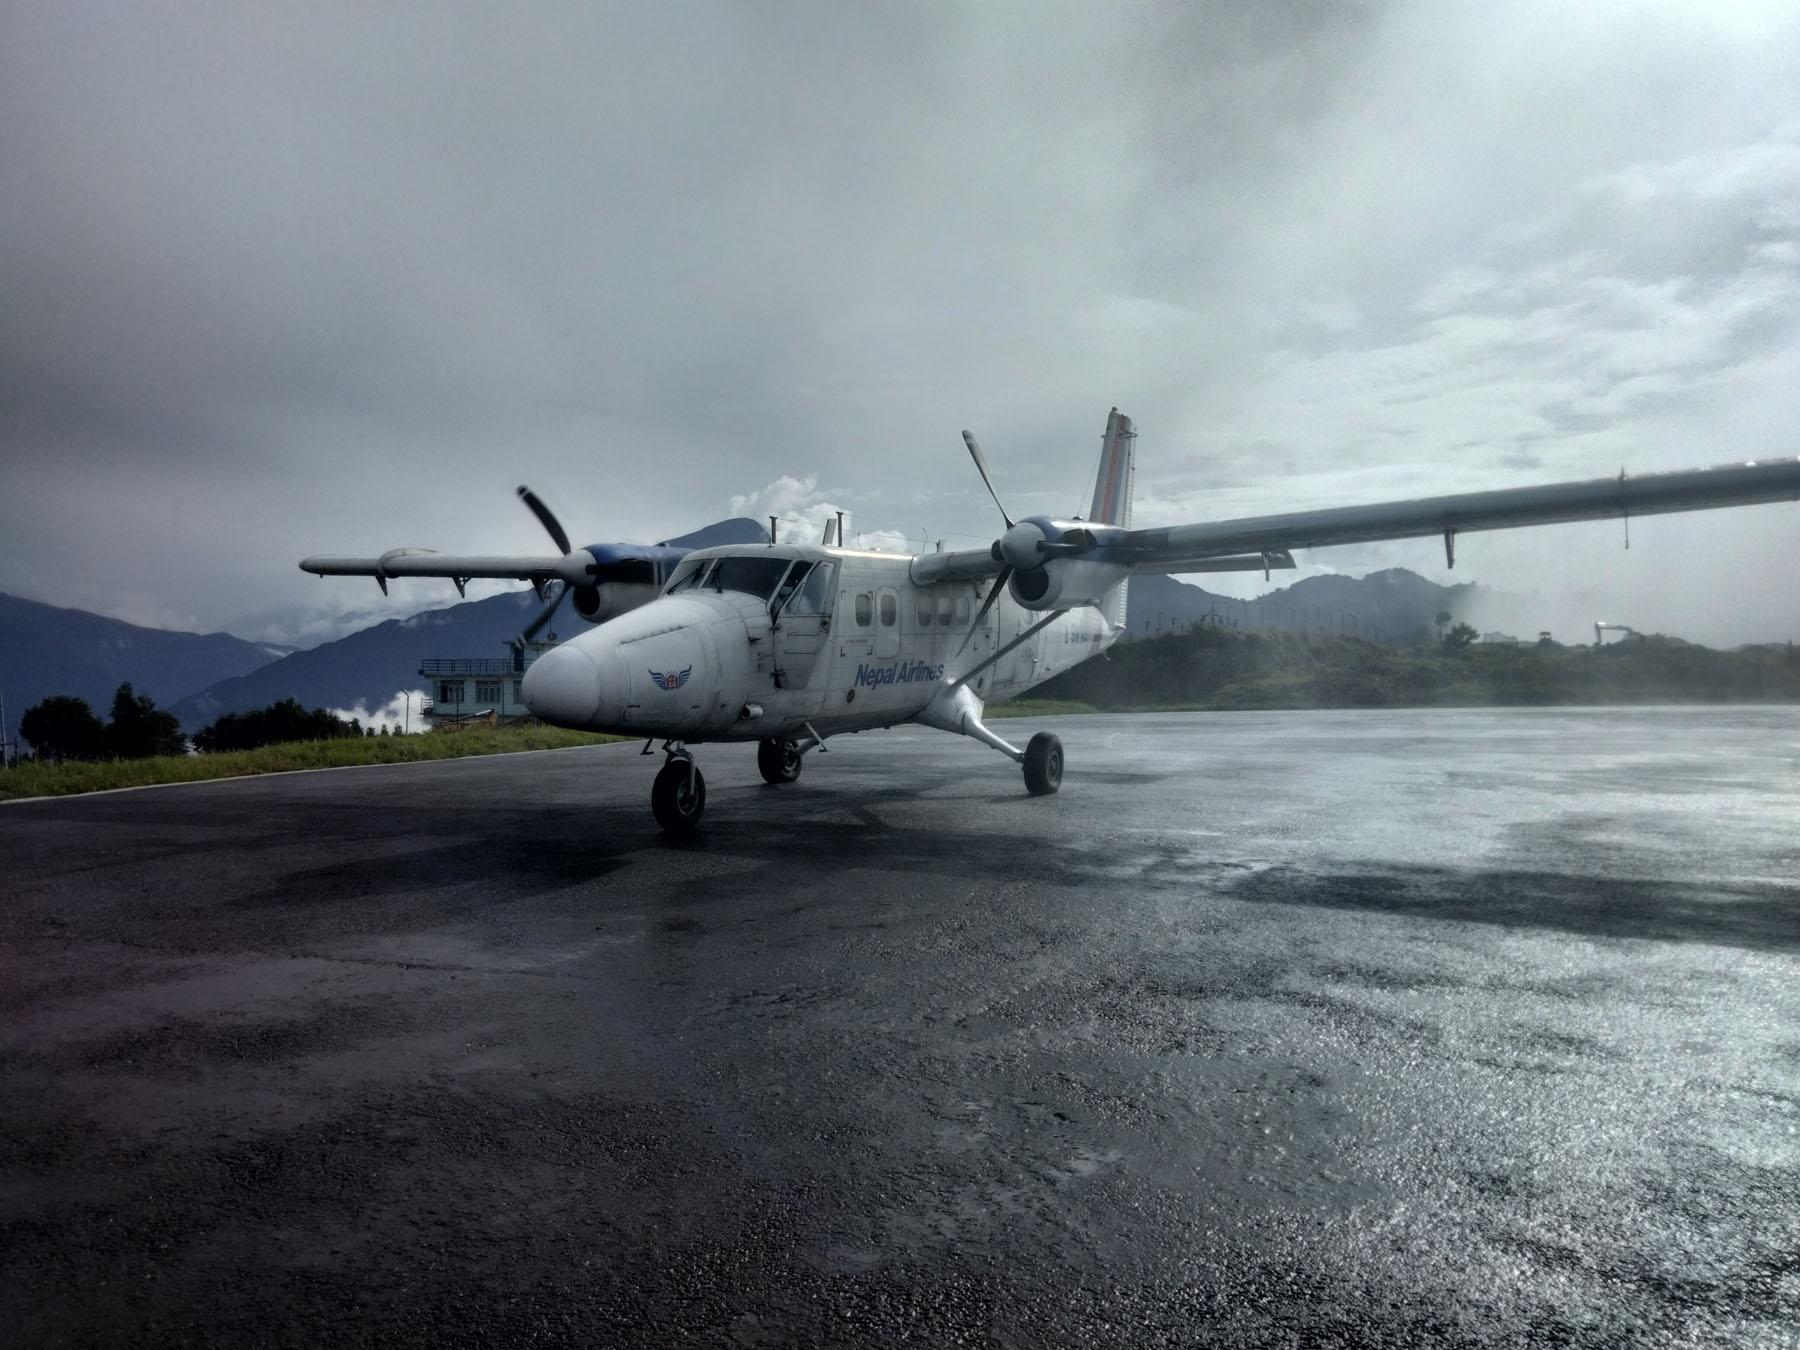 ताप्लेजुङको सुकेटार एयरपोर्ट आजदेखि सञ्चालनमा